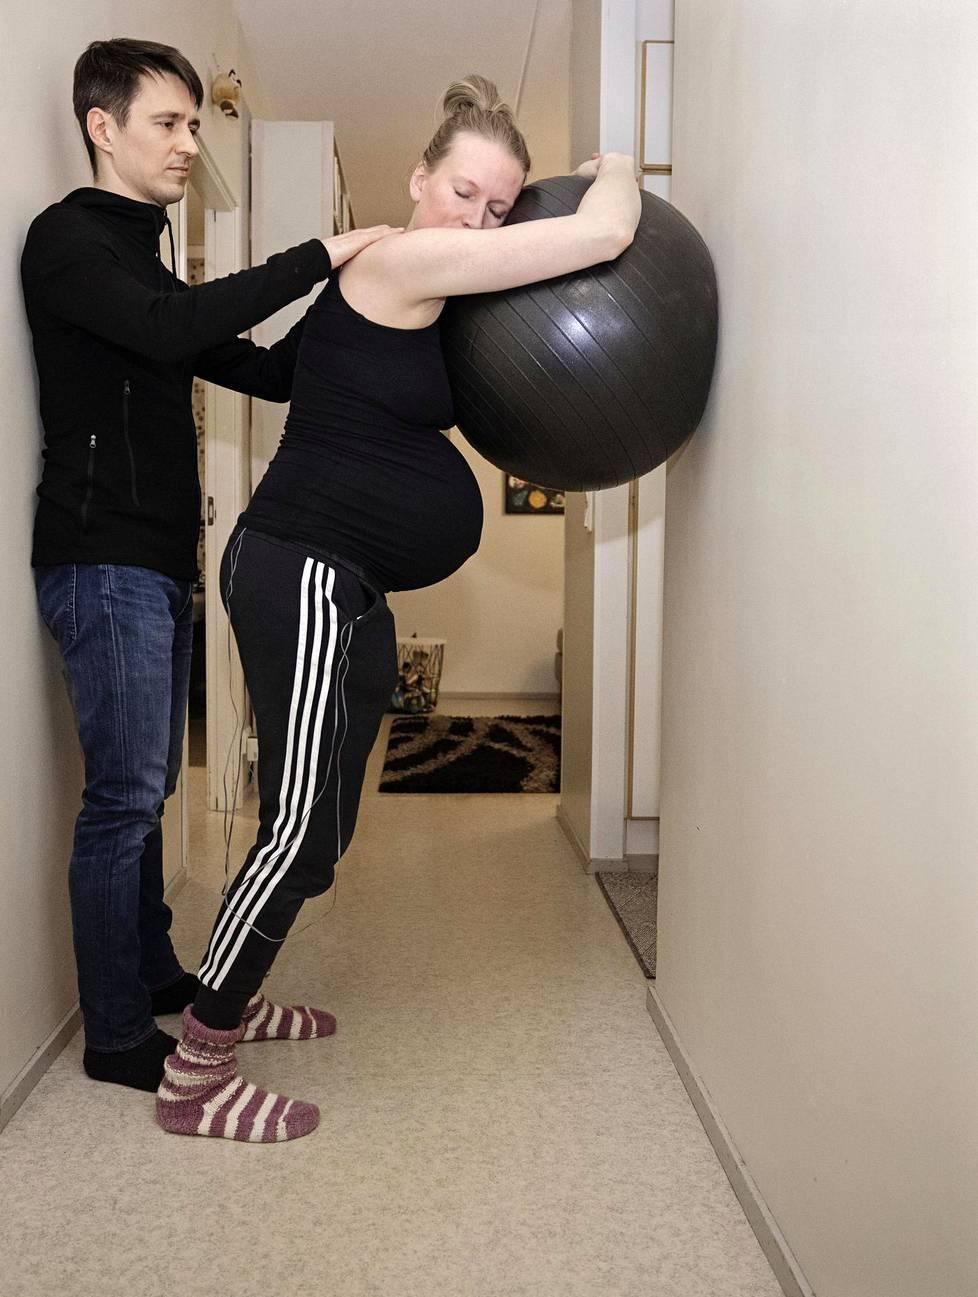 Hieronta, jumppapallo, taskussa TNS-laite – kipututkija Riikka  Holopainen ja lääkäri Markku Strandman lievittävät supistuk sista aiheutuvia kipuja kotona  monin tavoin. Kasvot on pidet tävä rentoina.